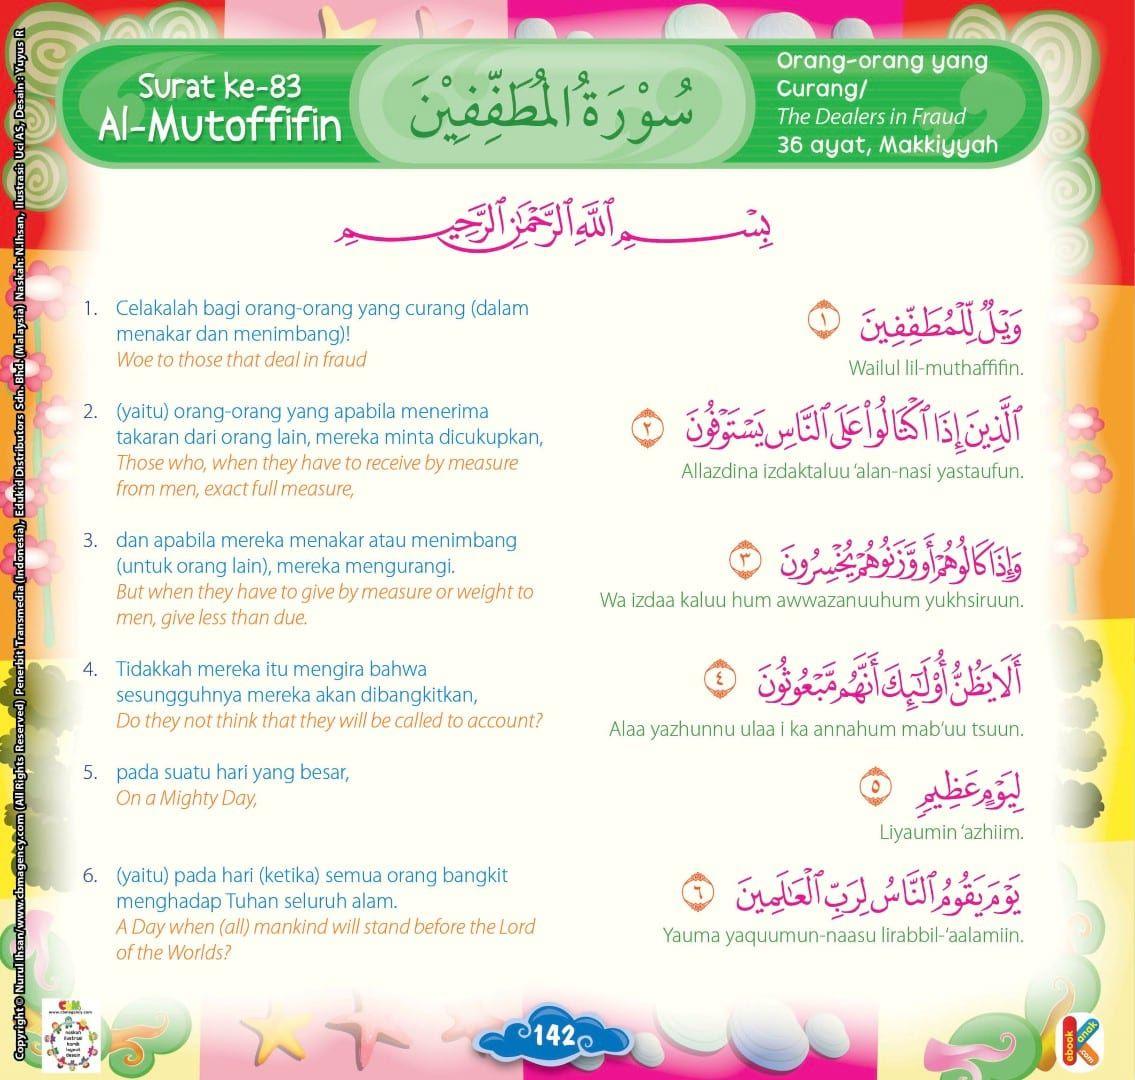 Buku Pintar Juz Amma For Kids Super Lengkap 3 Bahasa Adalah Buku Juz Amma Bergambar Dalam 3 Bahasa Indonesia Arab Dan Inggris Dileng Surat Abjad Arab Orang